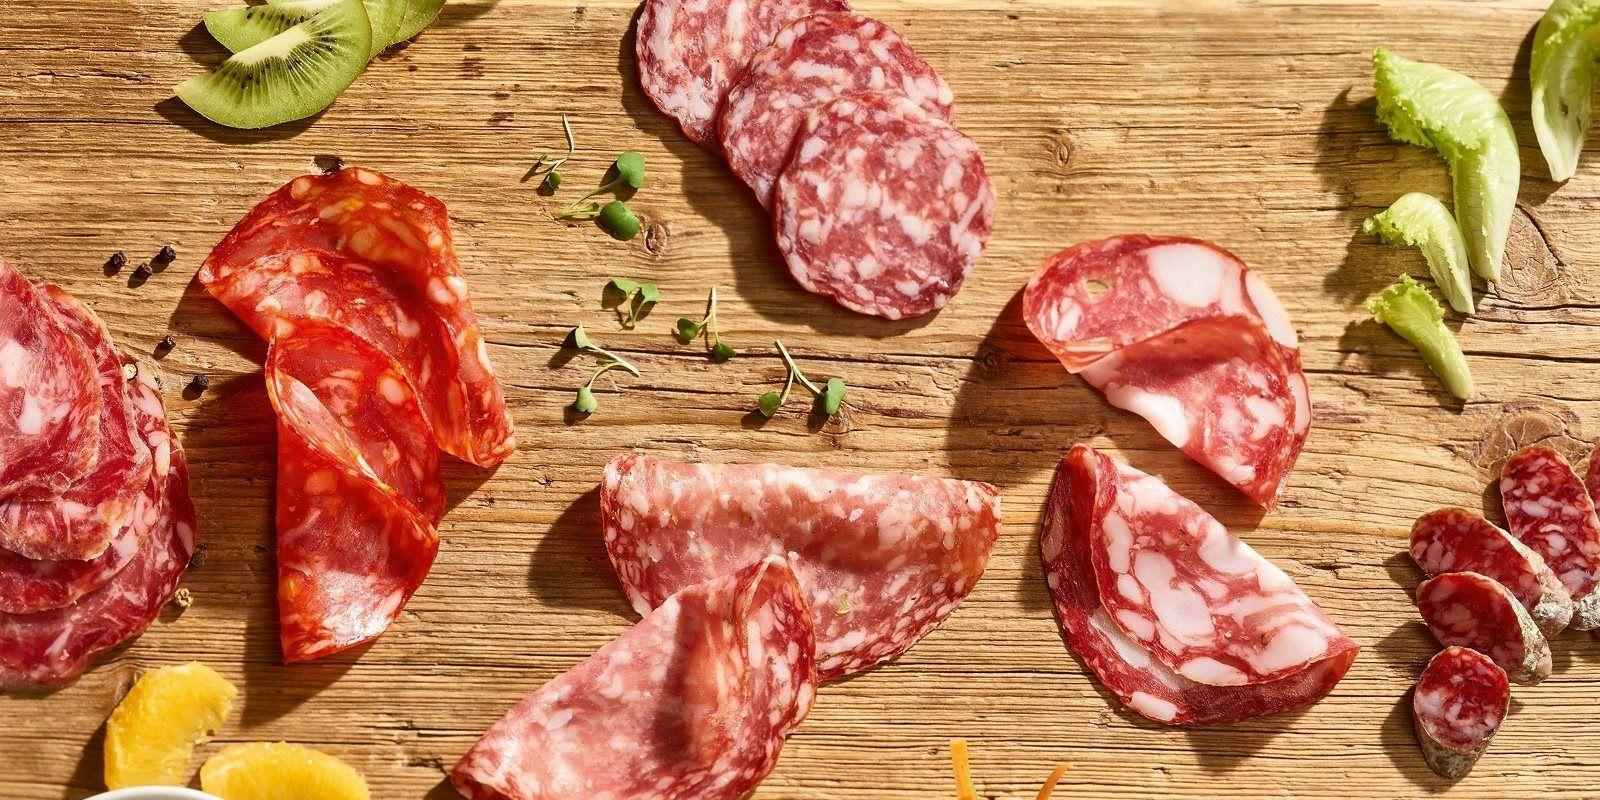 levoni_emozionale_ricette_tagliere_salami(4)